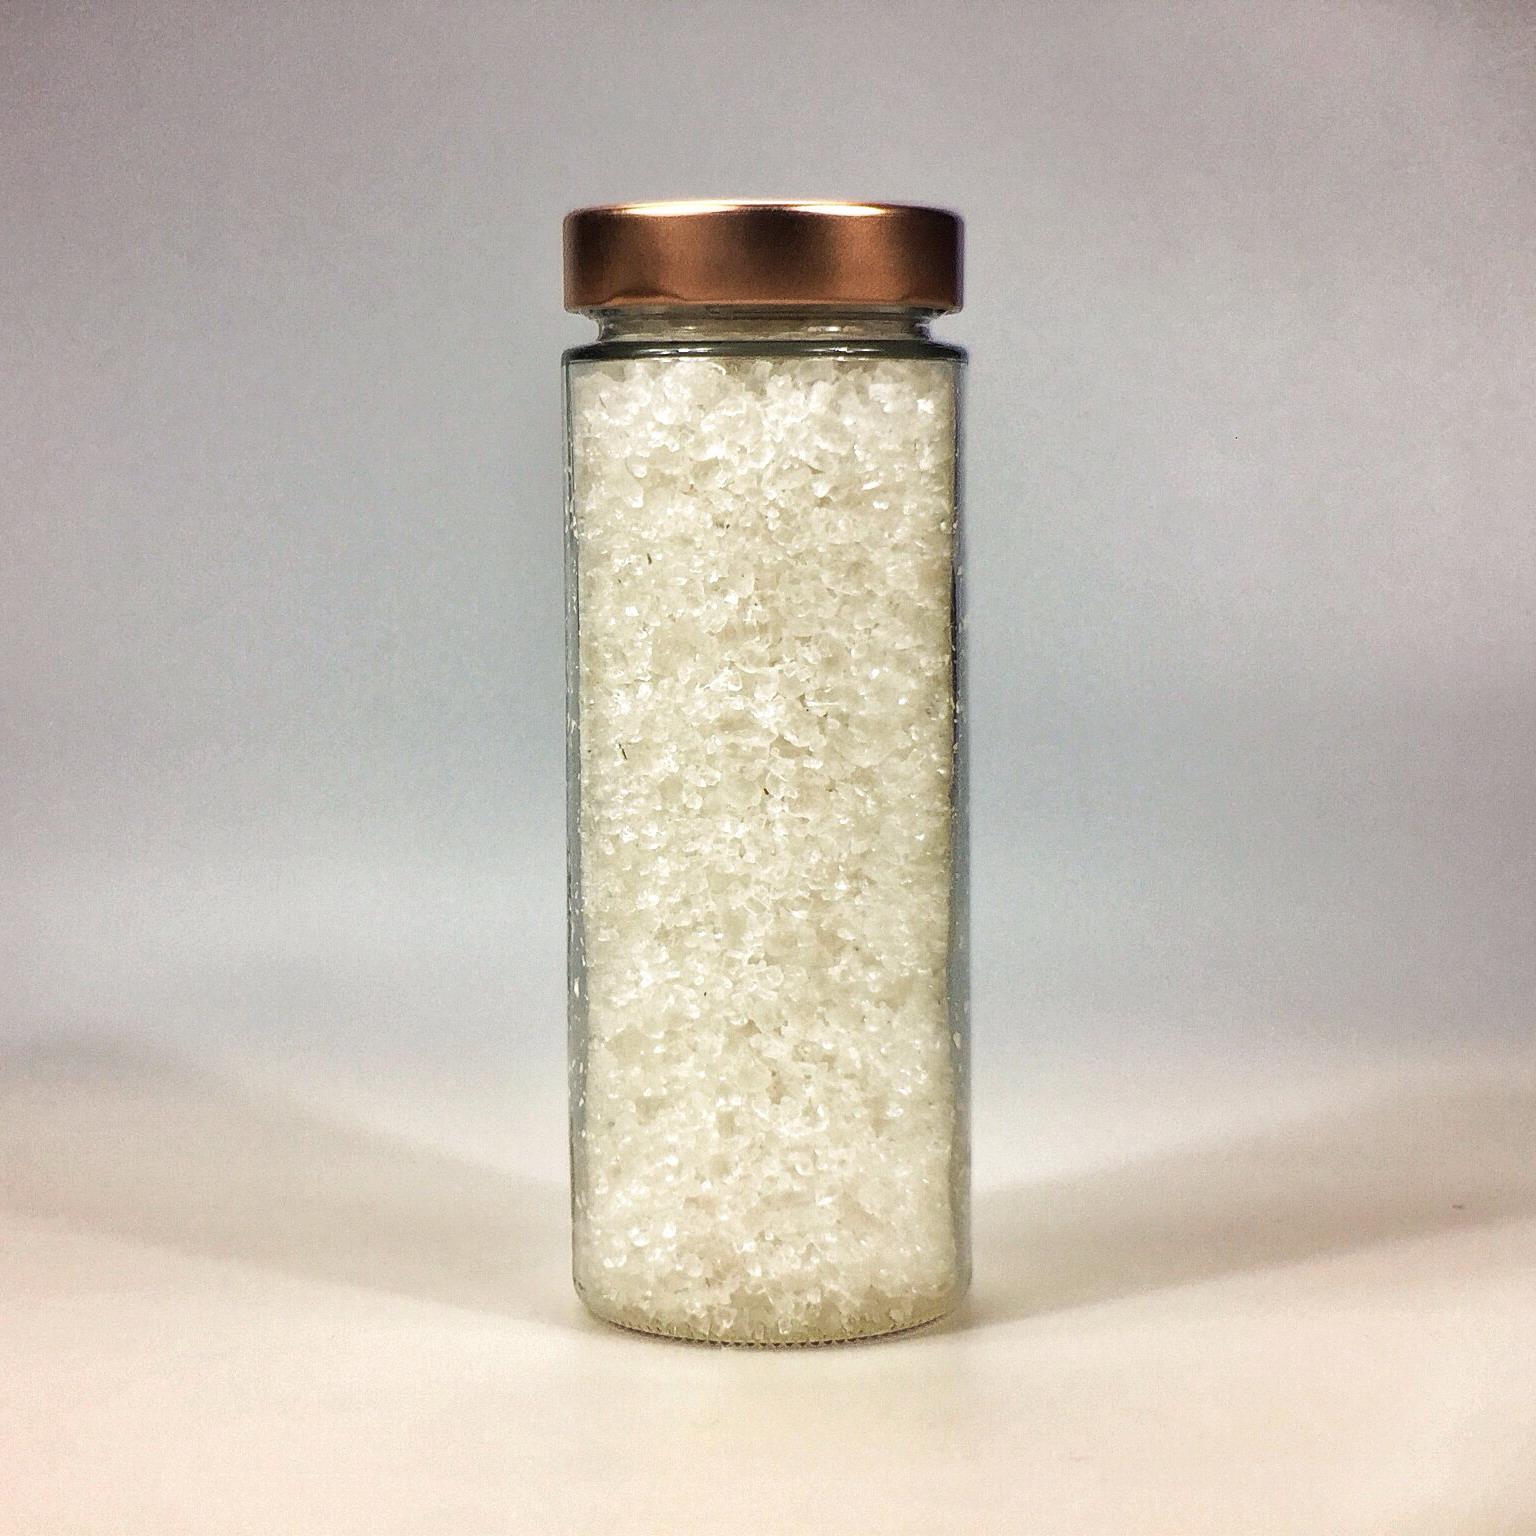 Halit Salz grob für Salzmühle im grossen Glas mit Kupferdeckel